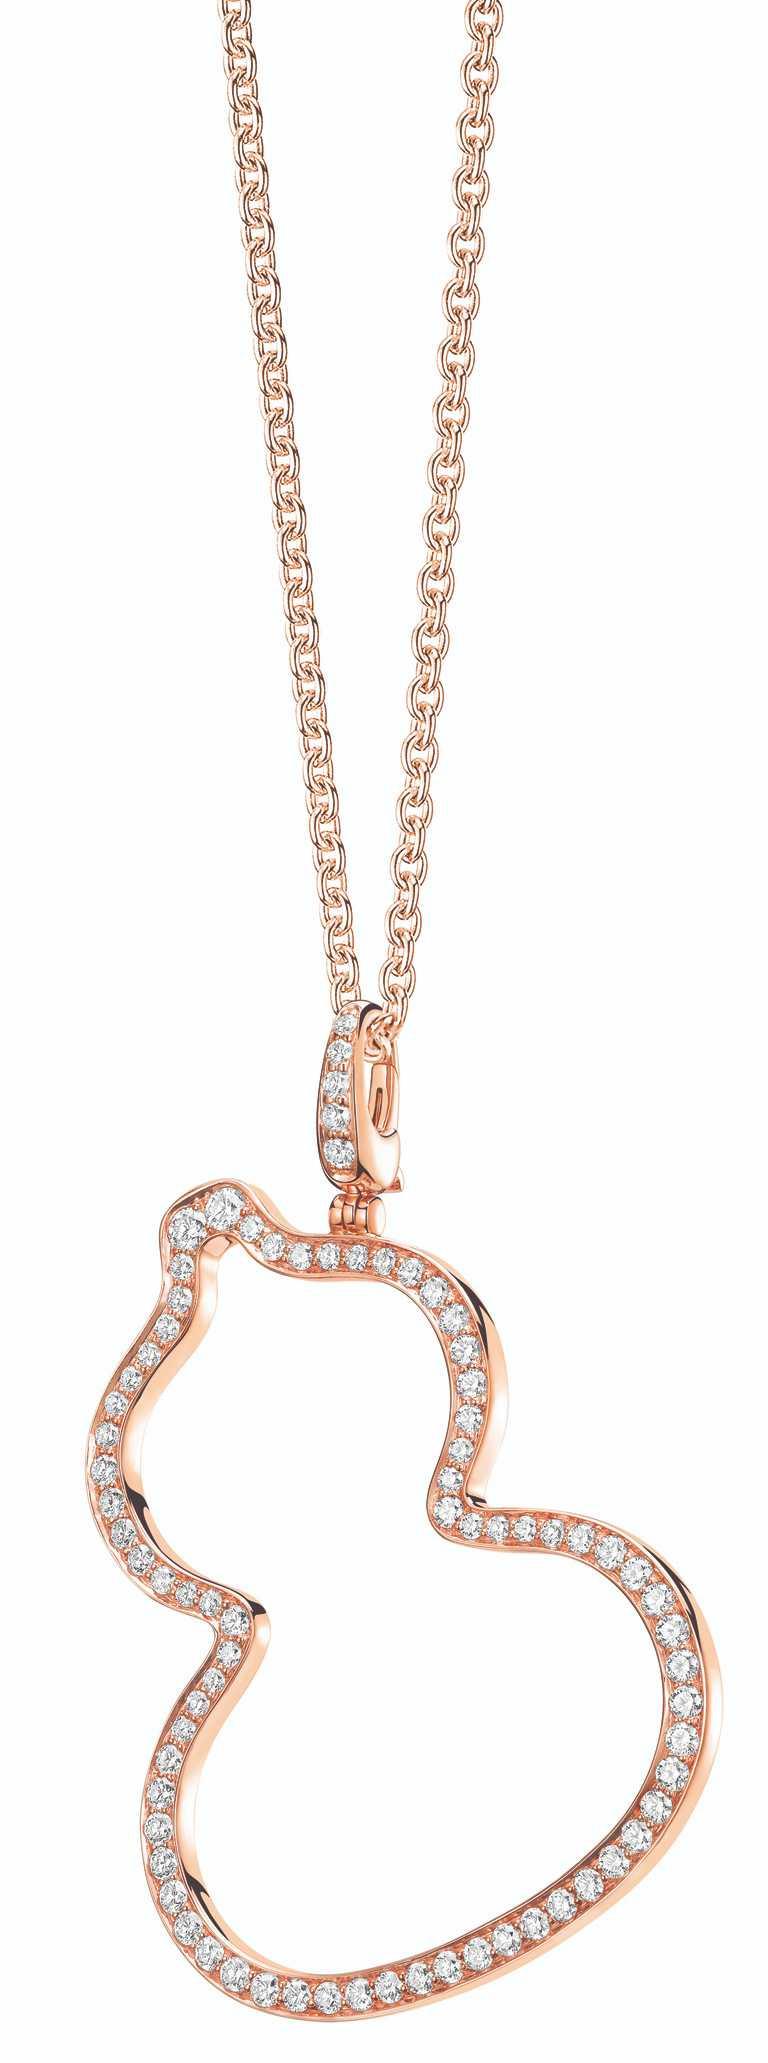 Qeelin「Wulu」系列18K玫瑰金鑲鑽中型吊墜╱263,000元。(圖╱Qeelin提供)